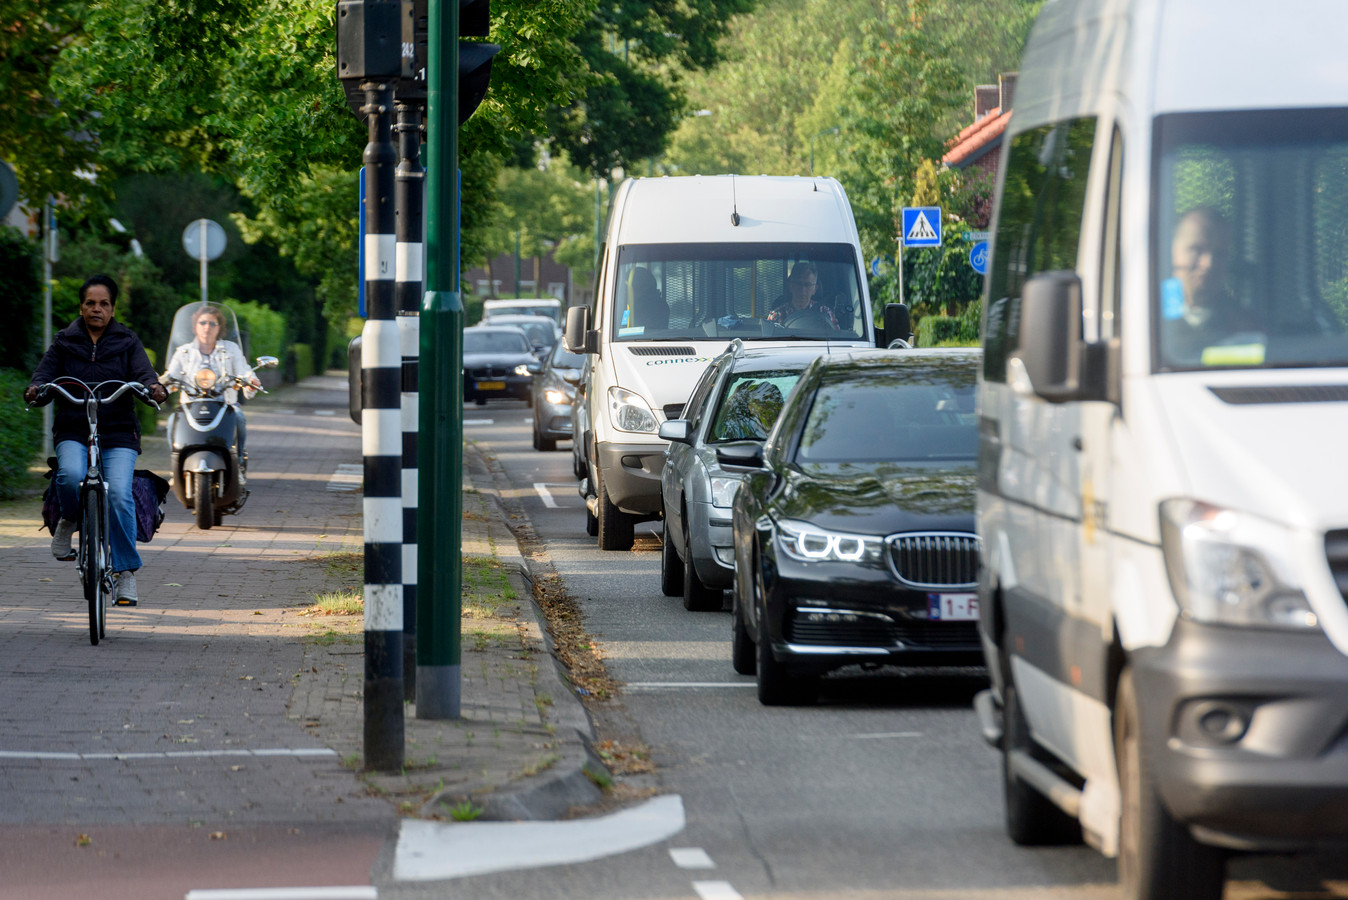 WAALRE - Al jaren staat er een lange file bij het stoplicht bij de kruising tussen willibrorduslaan/wollenbergstraat. De gemeente wil daar wat aan doen.